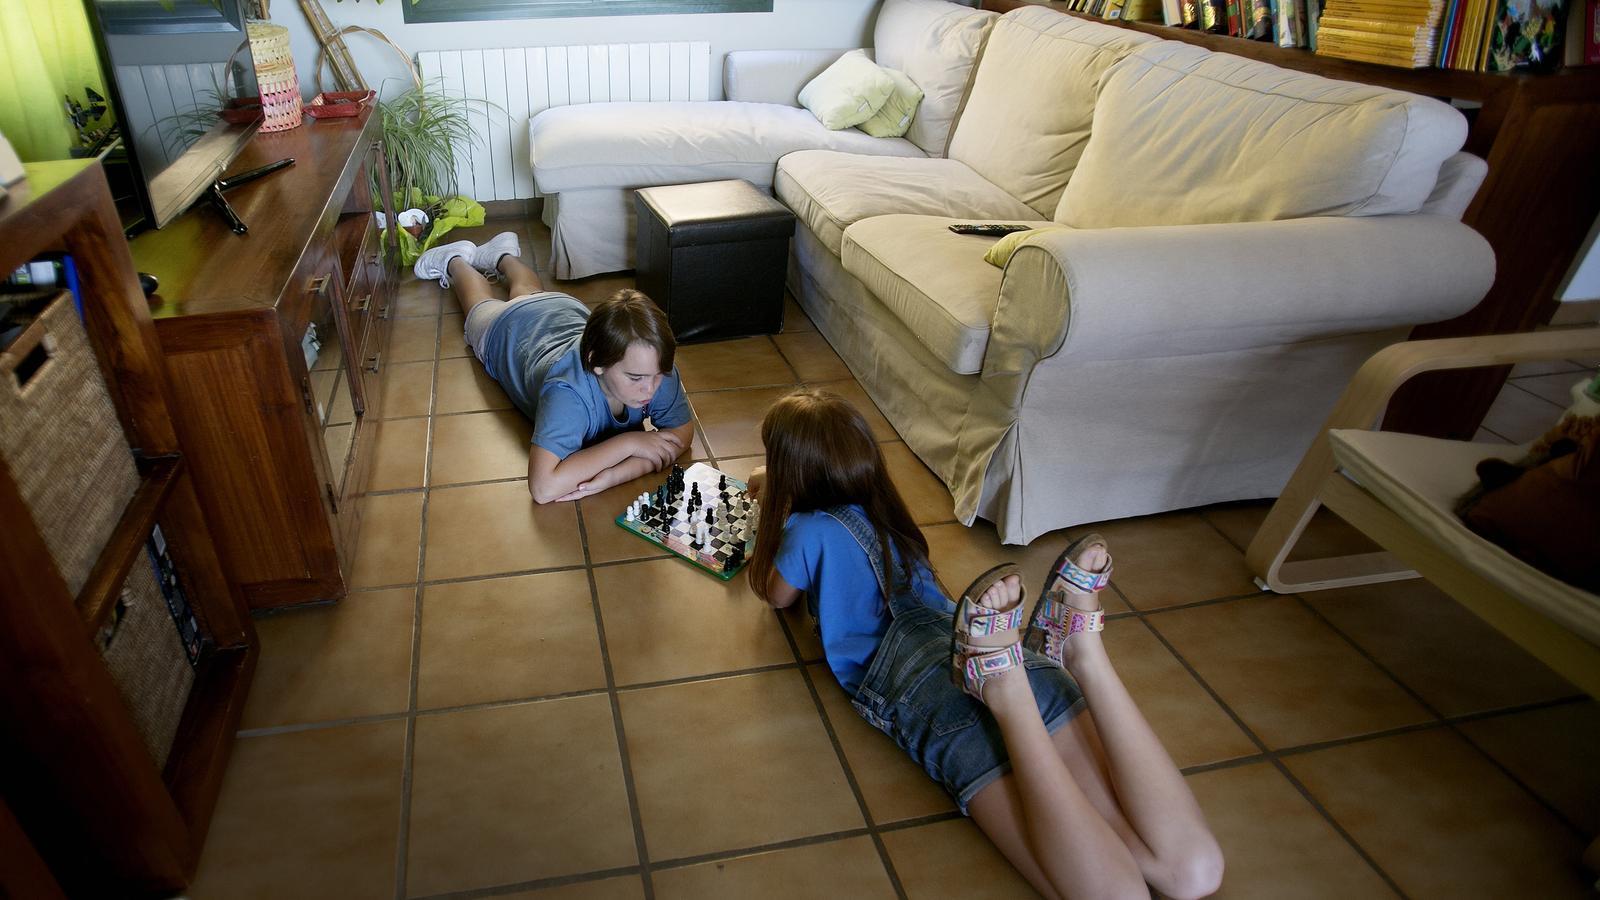 Els alumnes amb altes capacitats, com el Teo i la Mina, necessiten un bon acompanyament emocional per gaudir del seu potencial